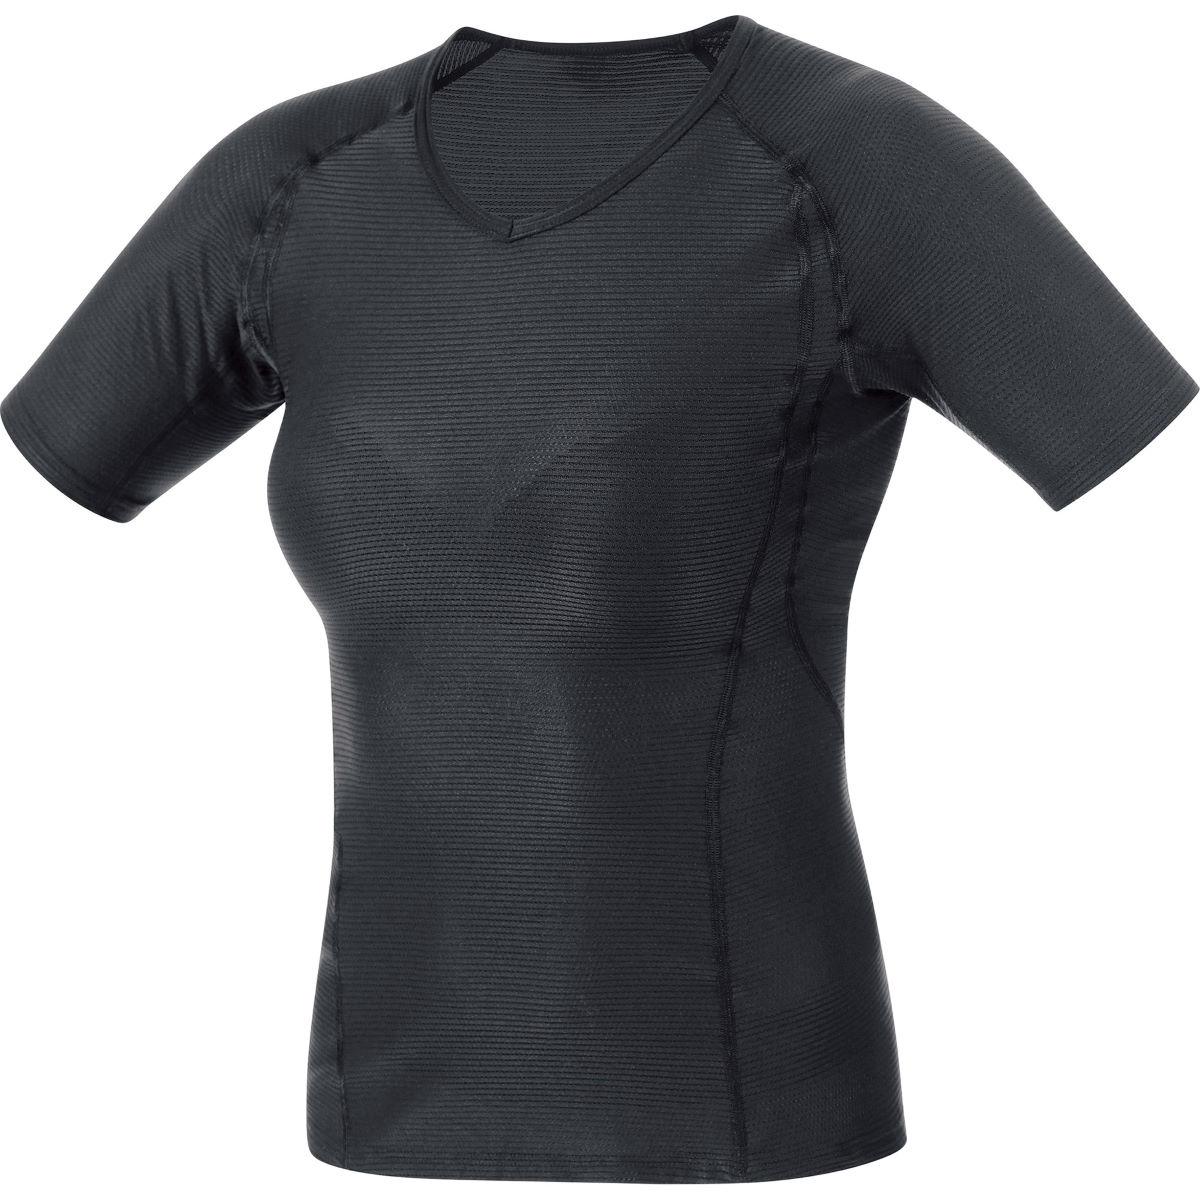 Camiseta interior para mujer Gore Running Wear Essential (OI15) - Prendas de compresión